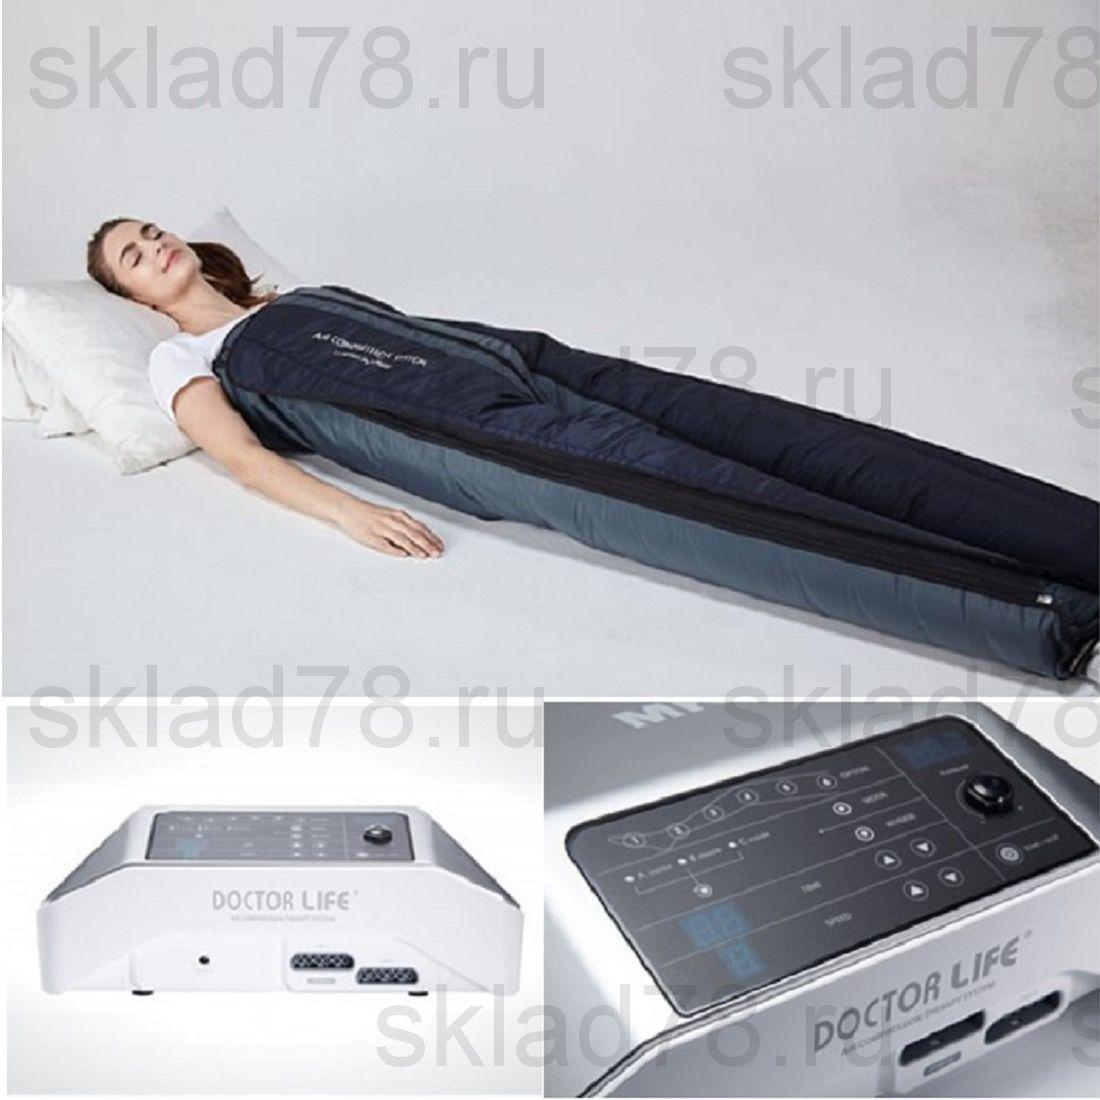 Doctor Life MARK 400 + Комбинезон 12 секционный для похудения